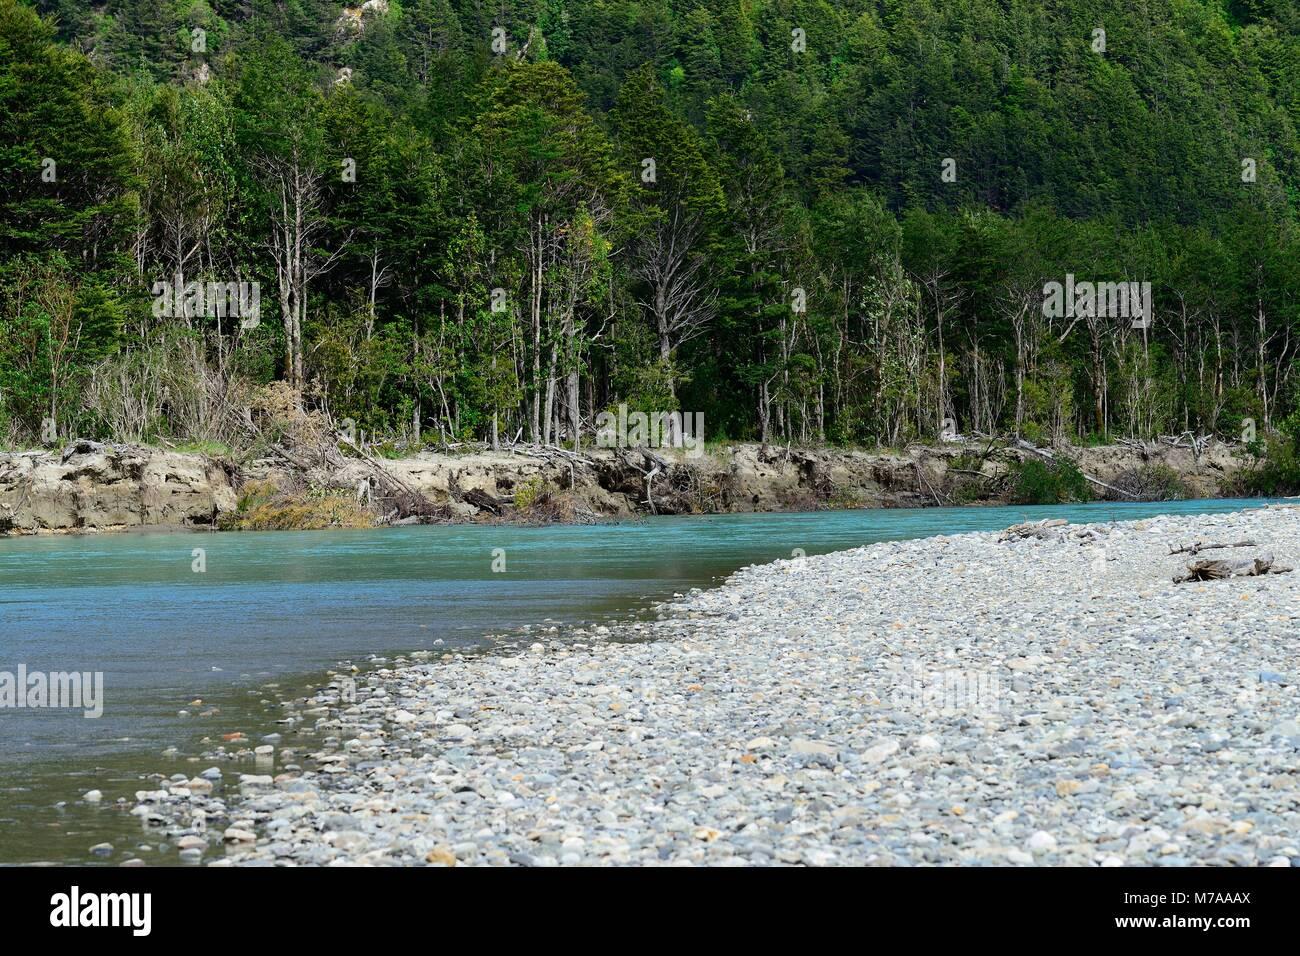 Shore of the Río Ibáñez, Carretera Austral, near Bahia Murta, also Puerto Murta, Región de Aysén, - Stock Image